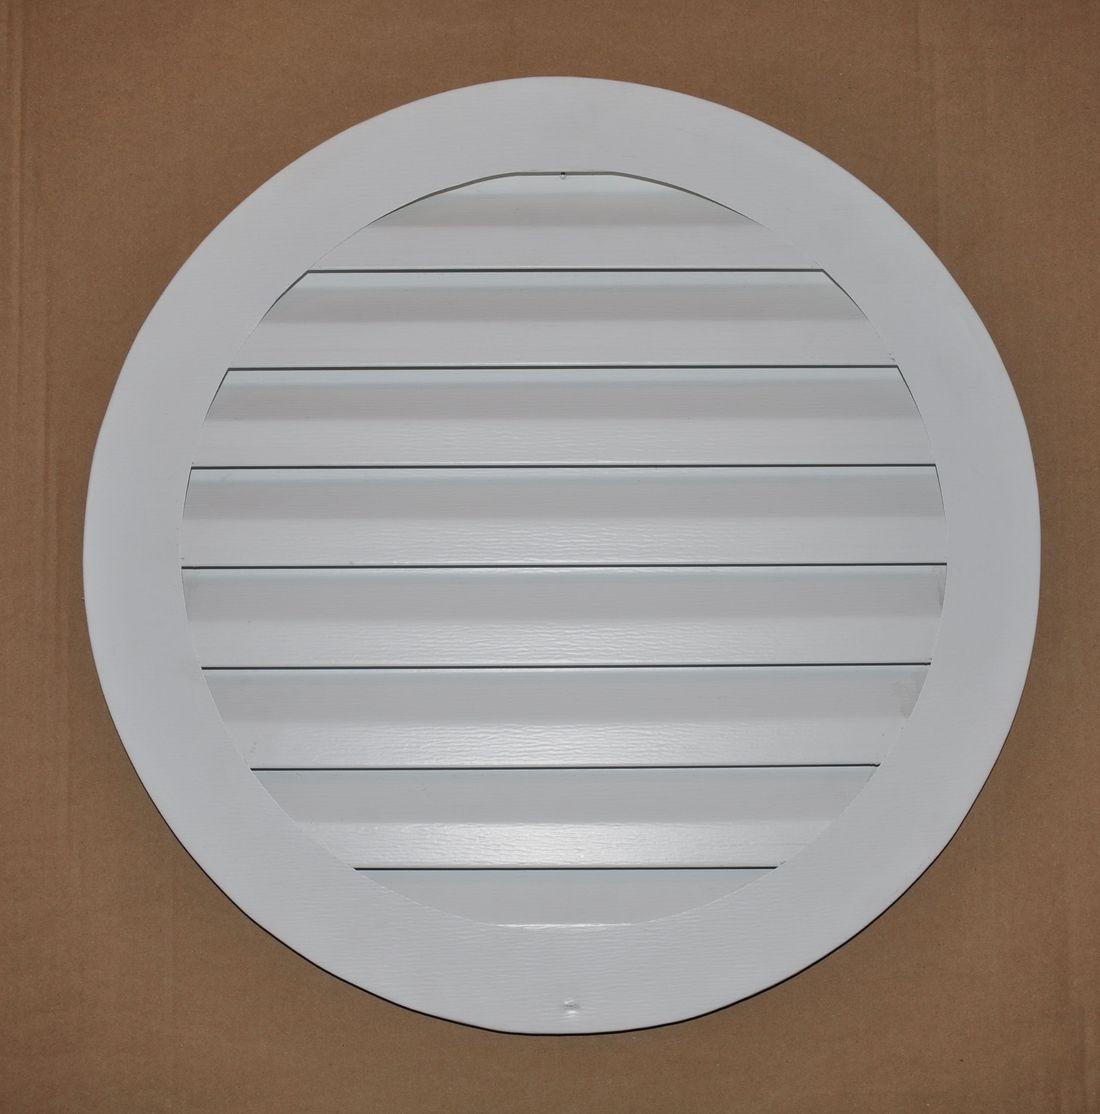 Round Aluminum gable vent